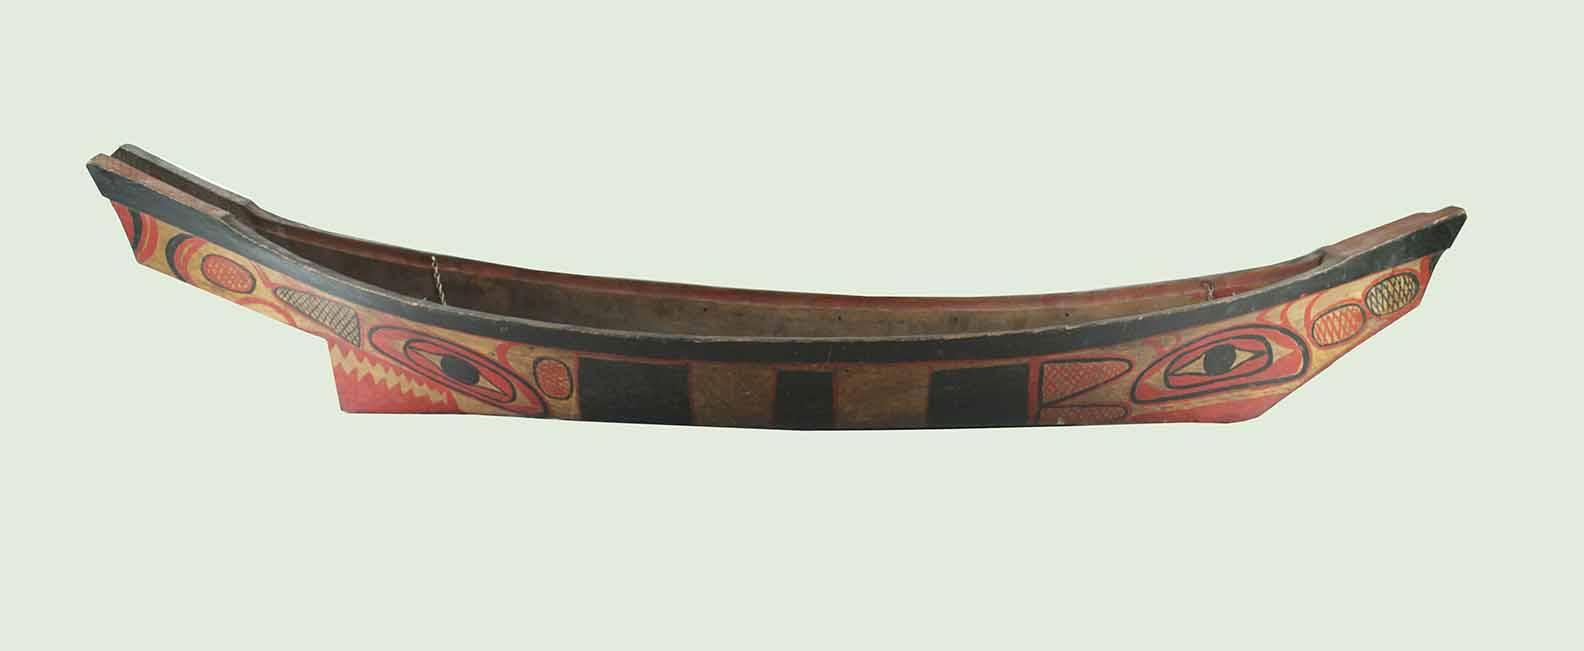 [canoe model]